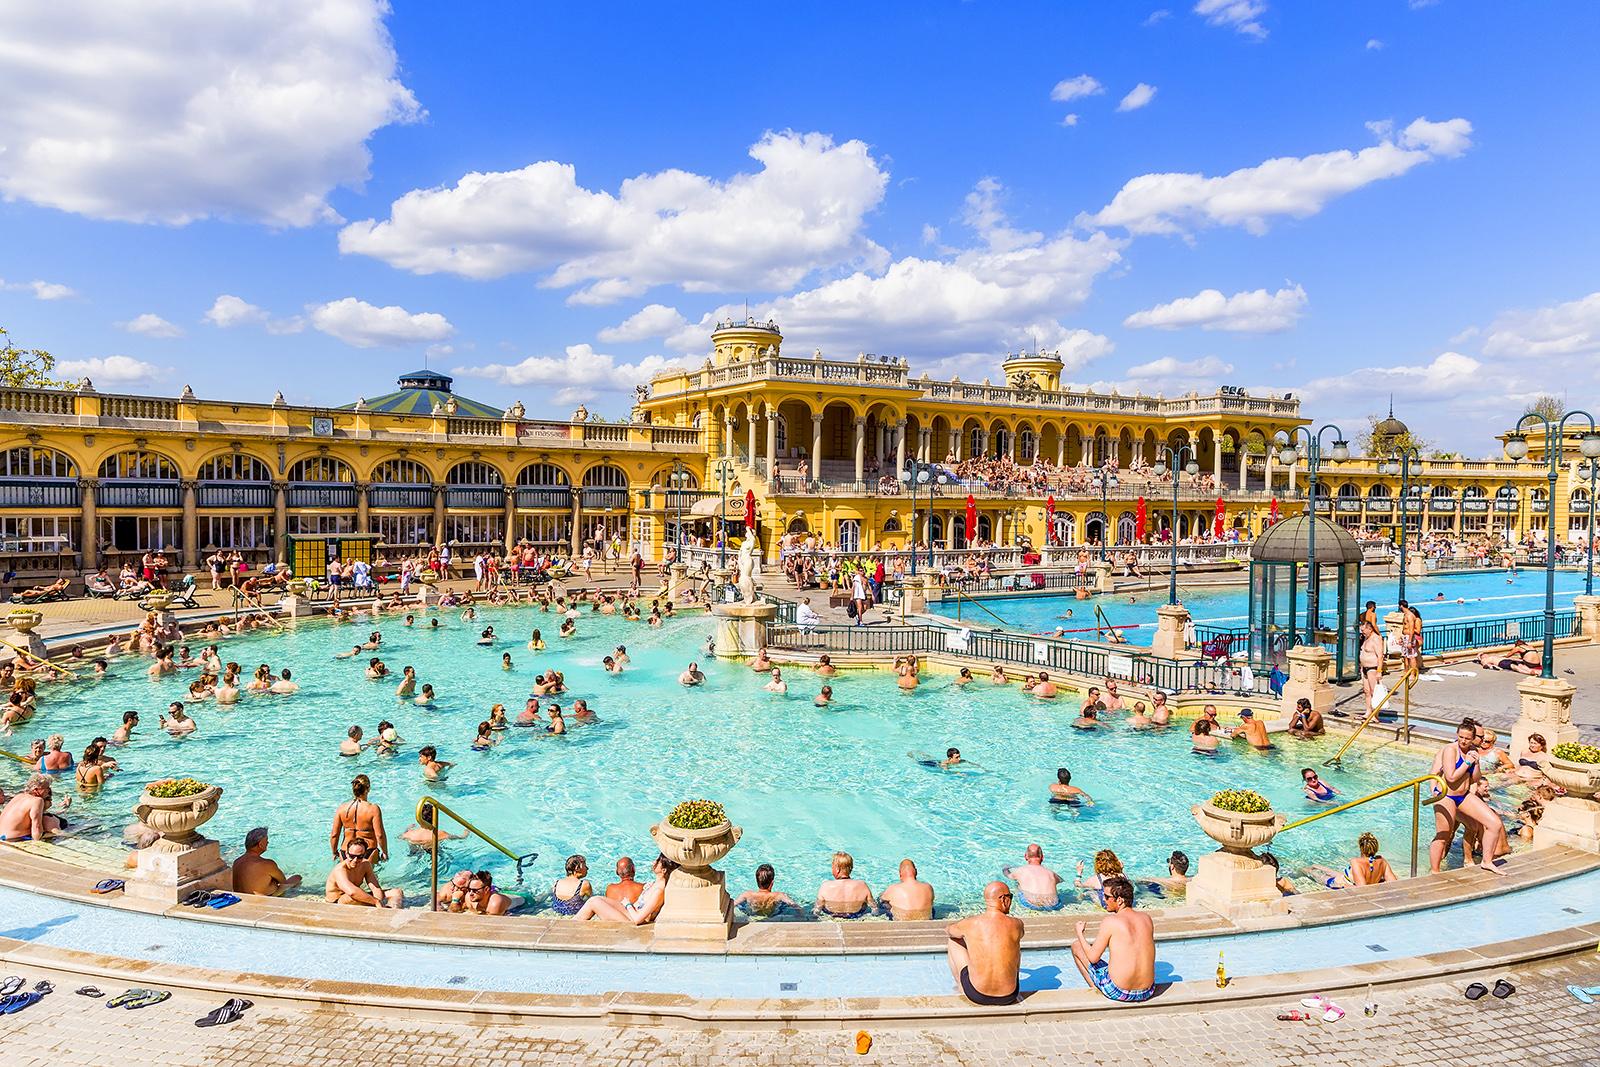 Szechenyi_Budapest-760fd99eea74